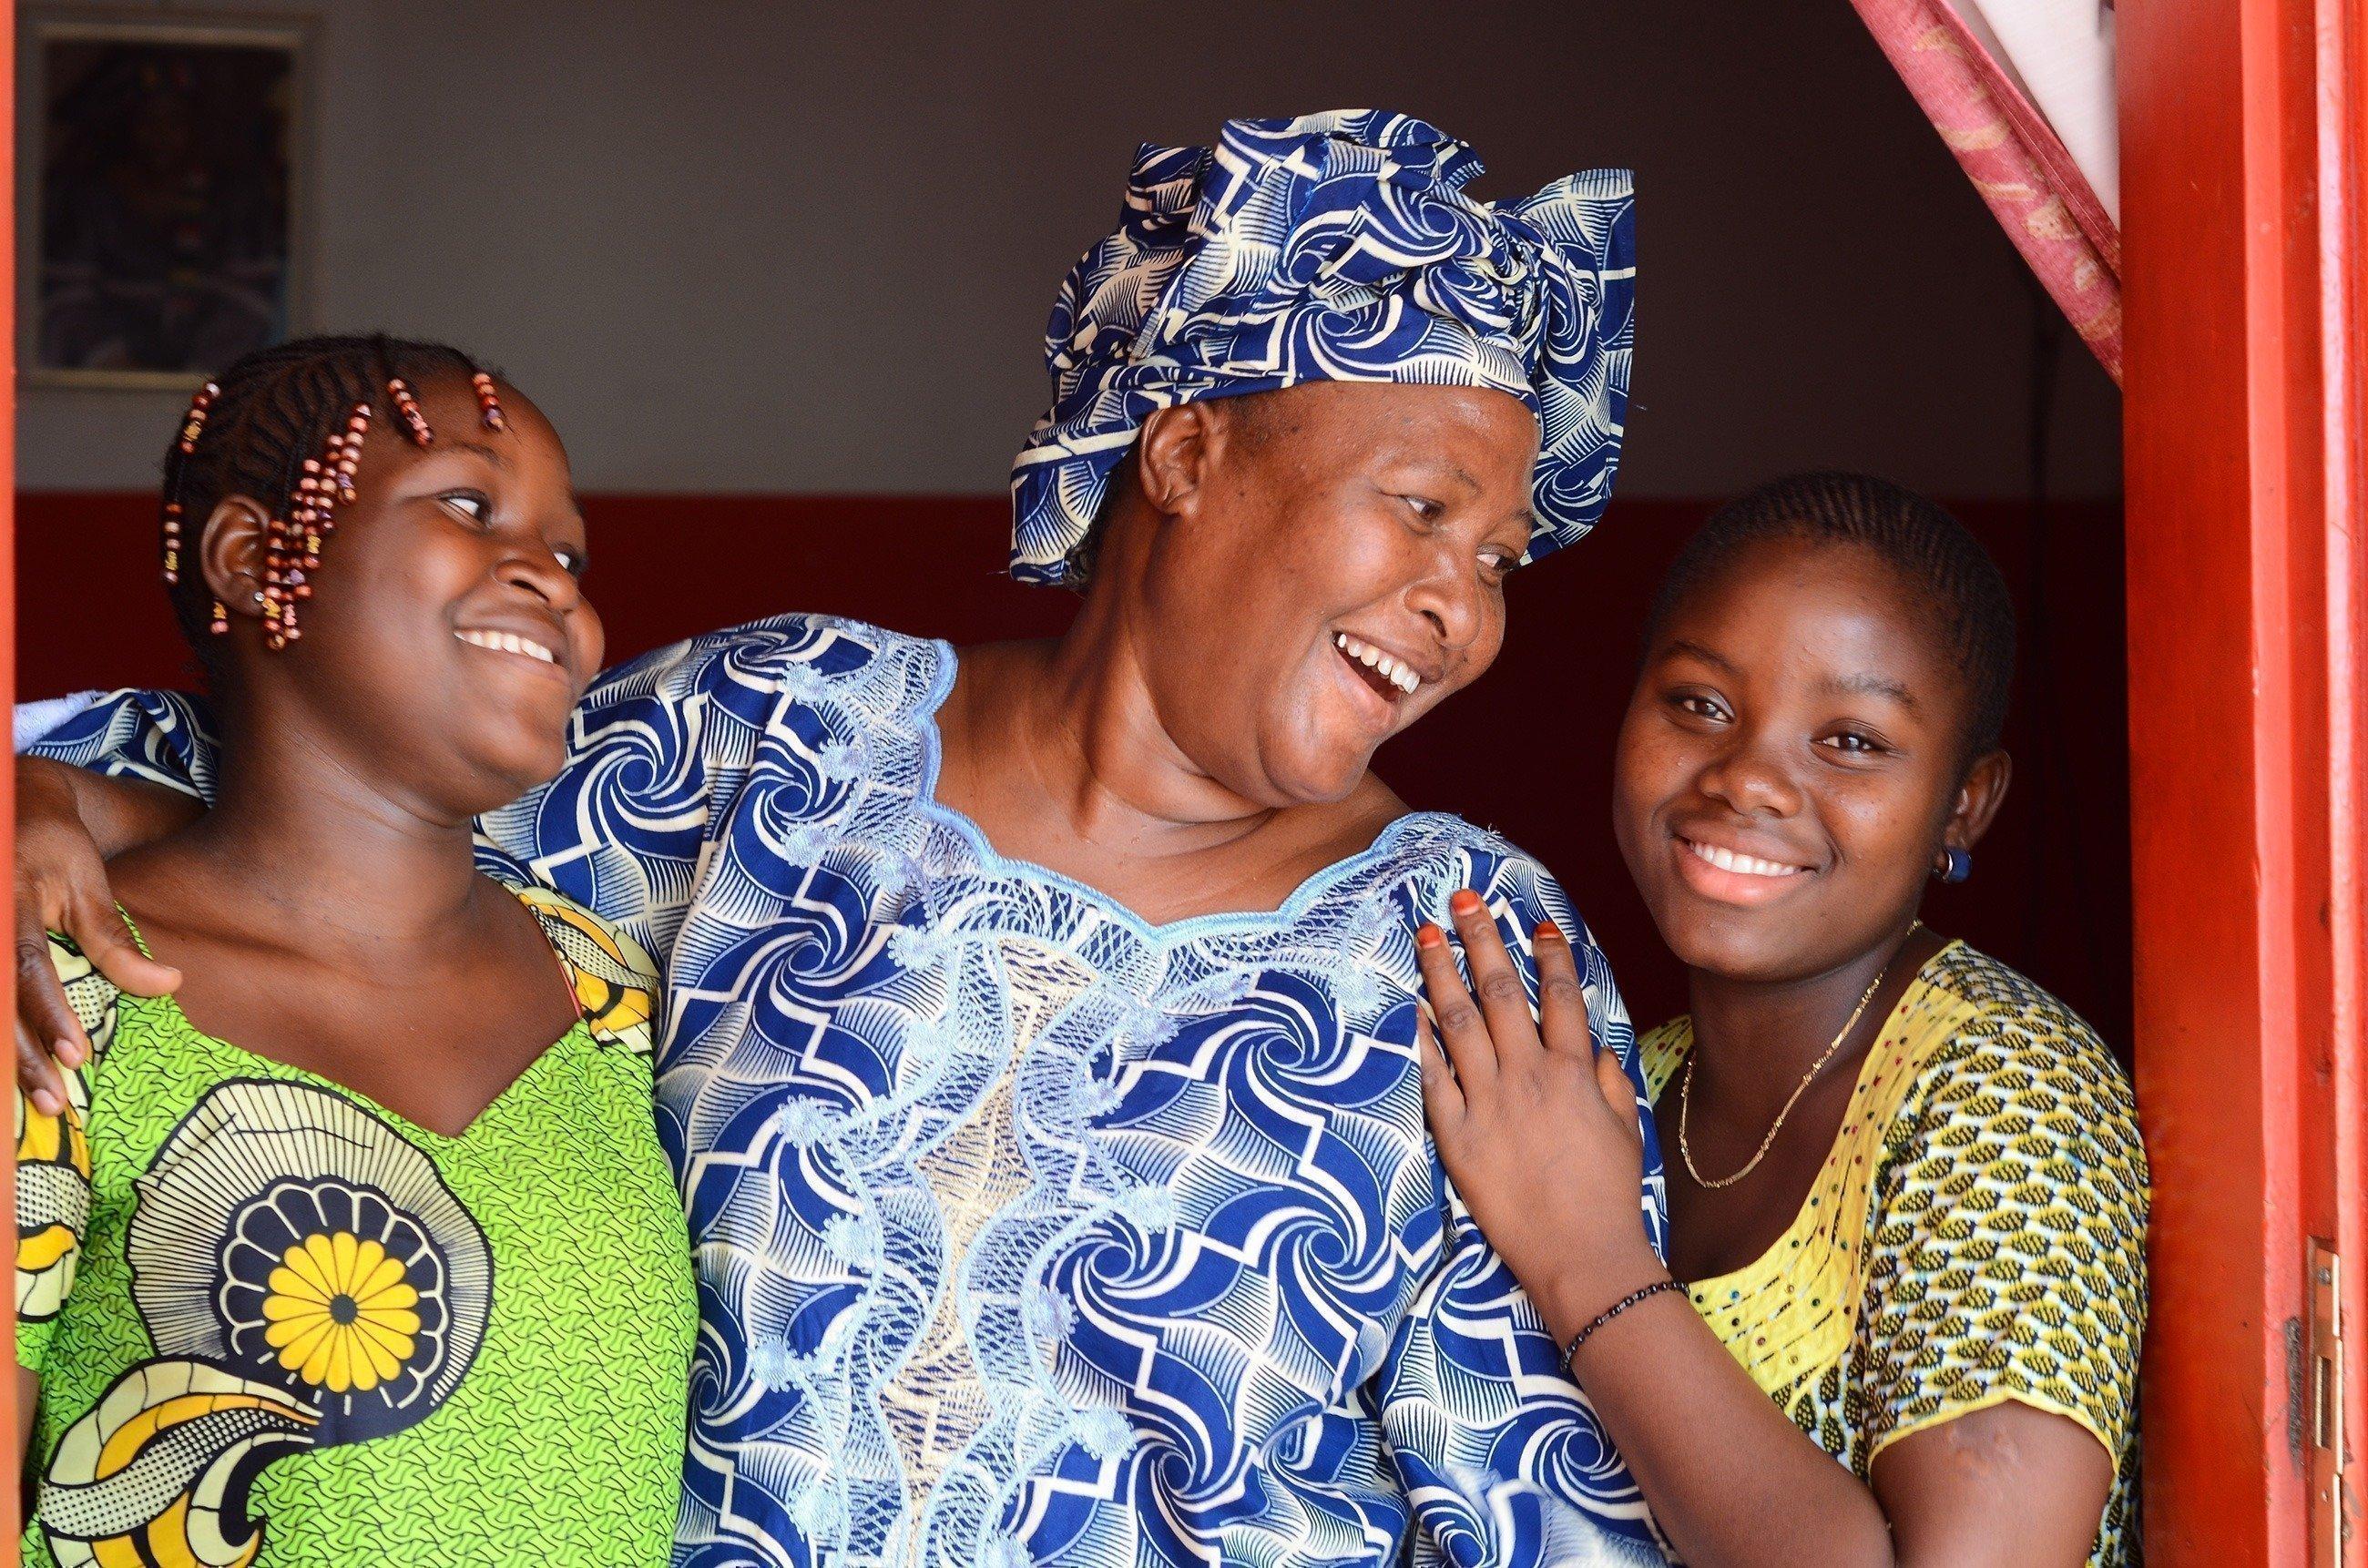 Eine Mutter lacht mit ihren beiden Töchtern.